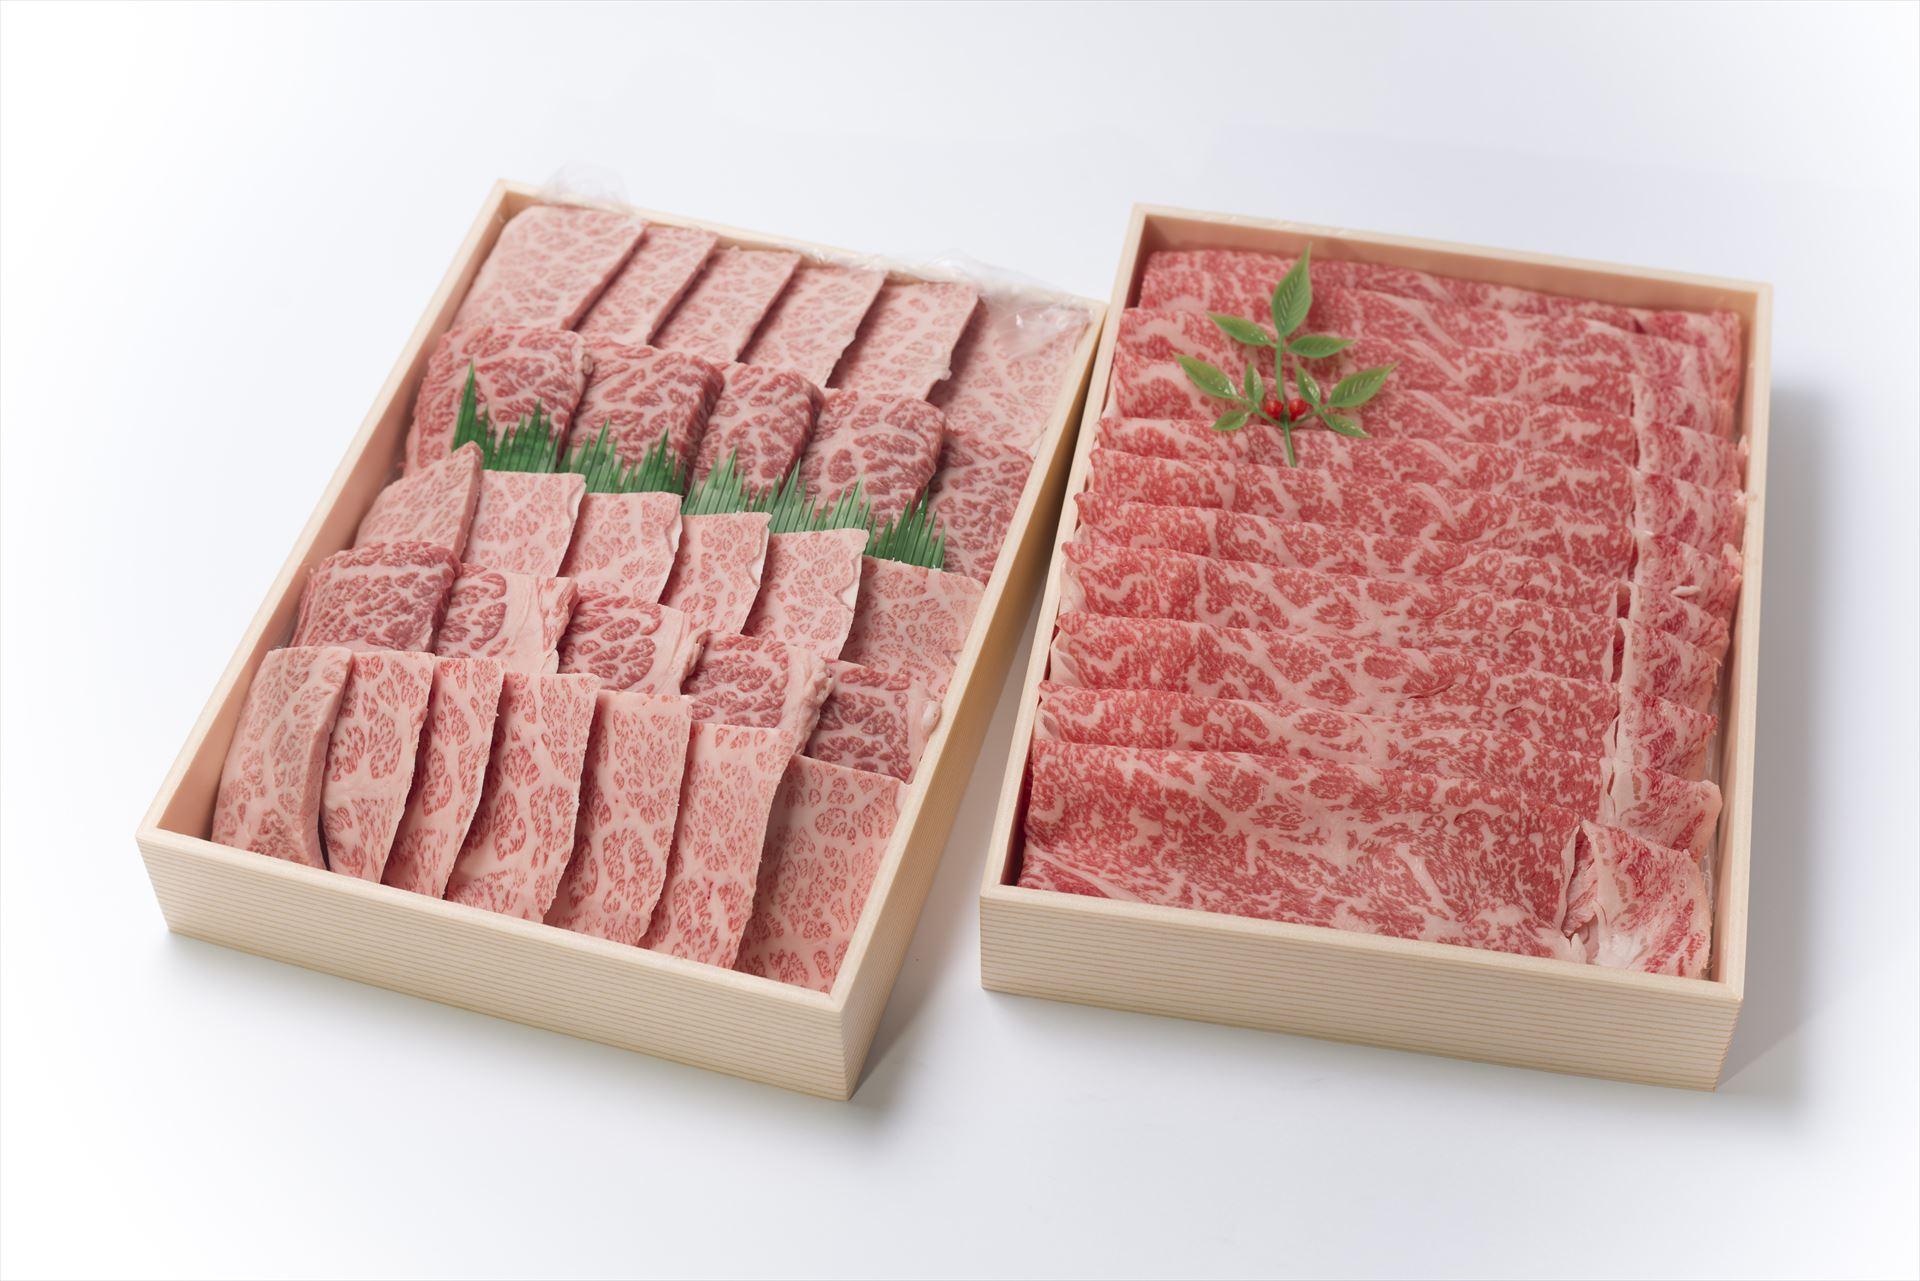 ご進物用お肉 一例